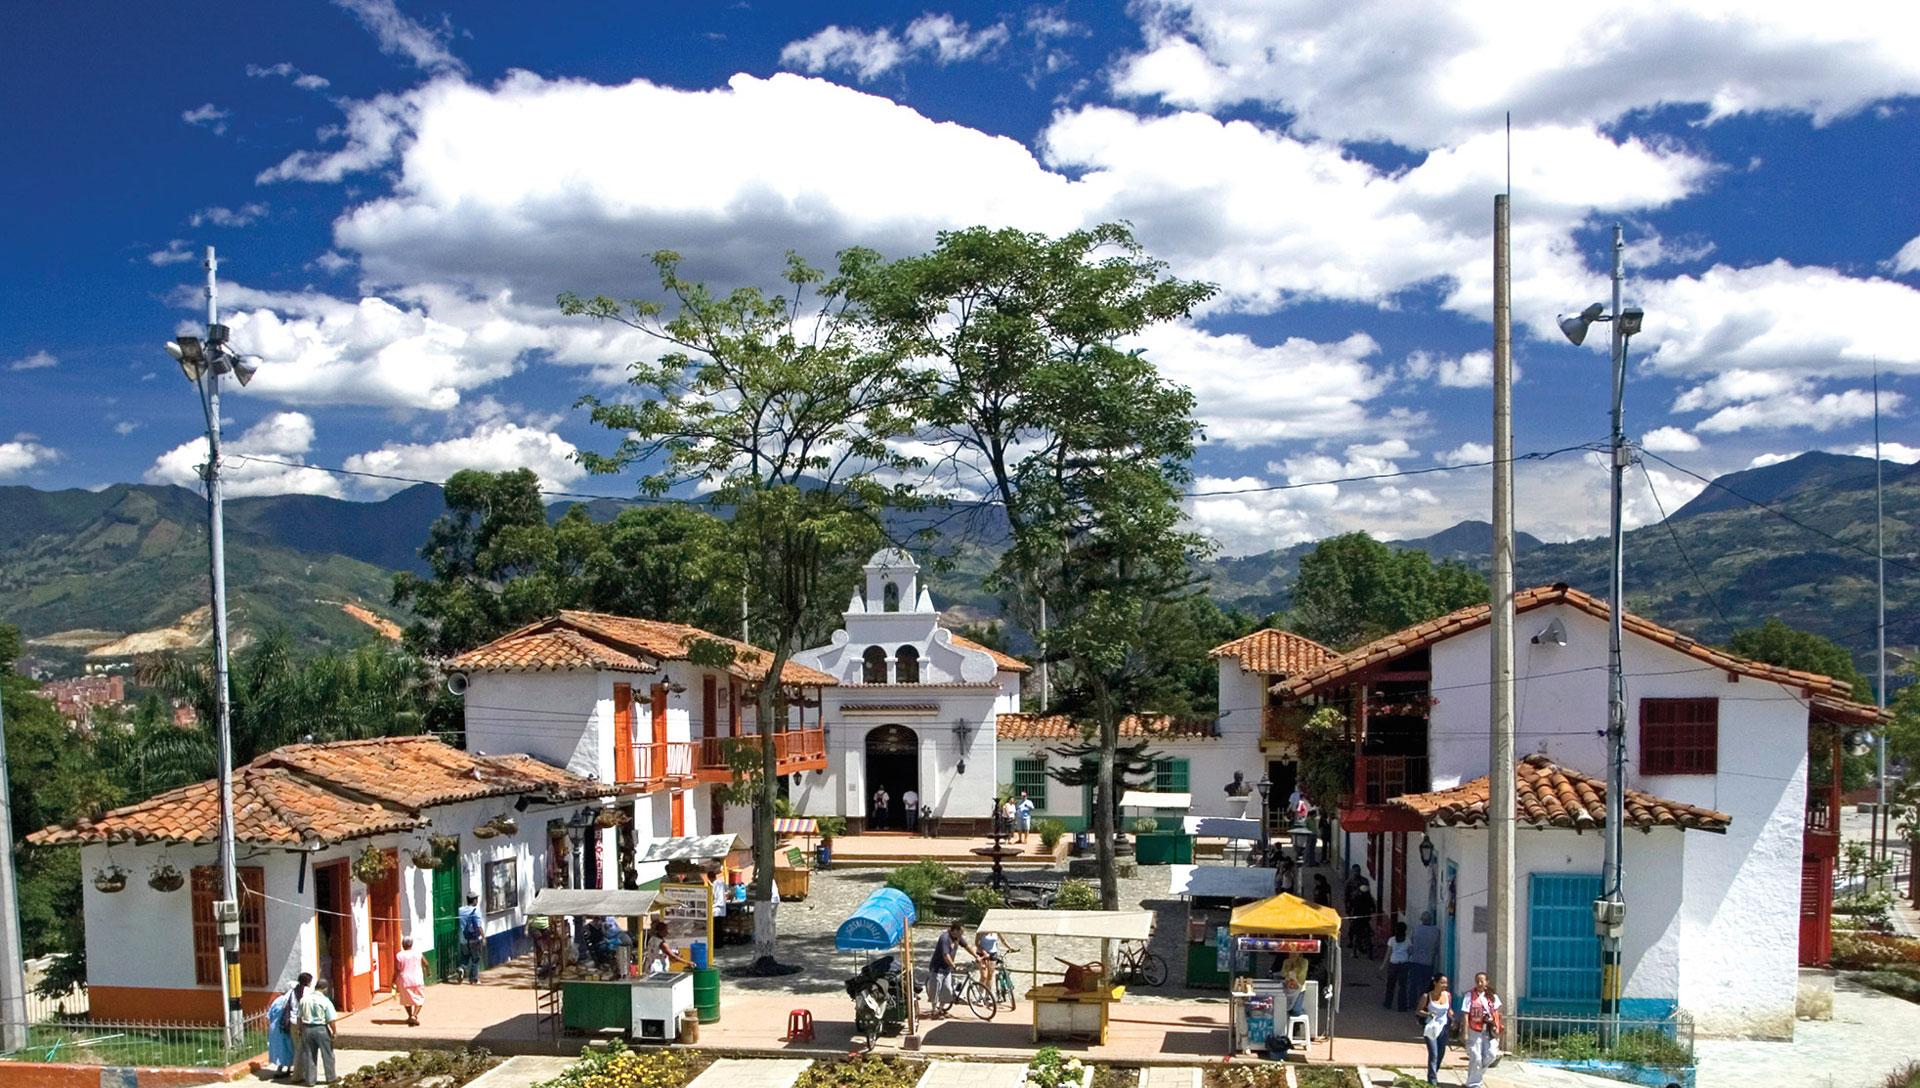 Qué hacer en Medellin? Visitar el pueblito paisa